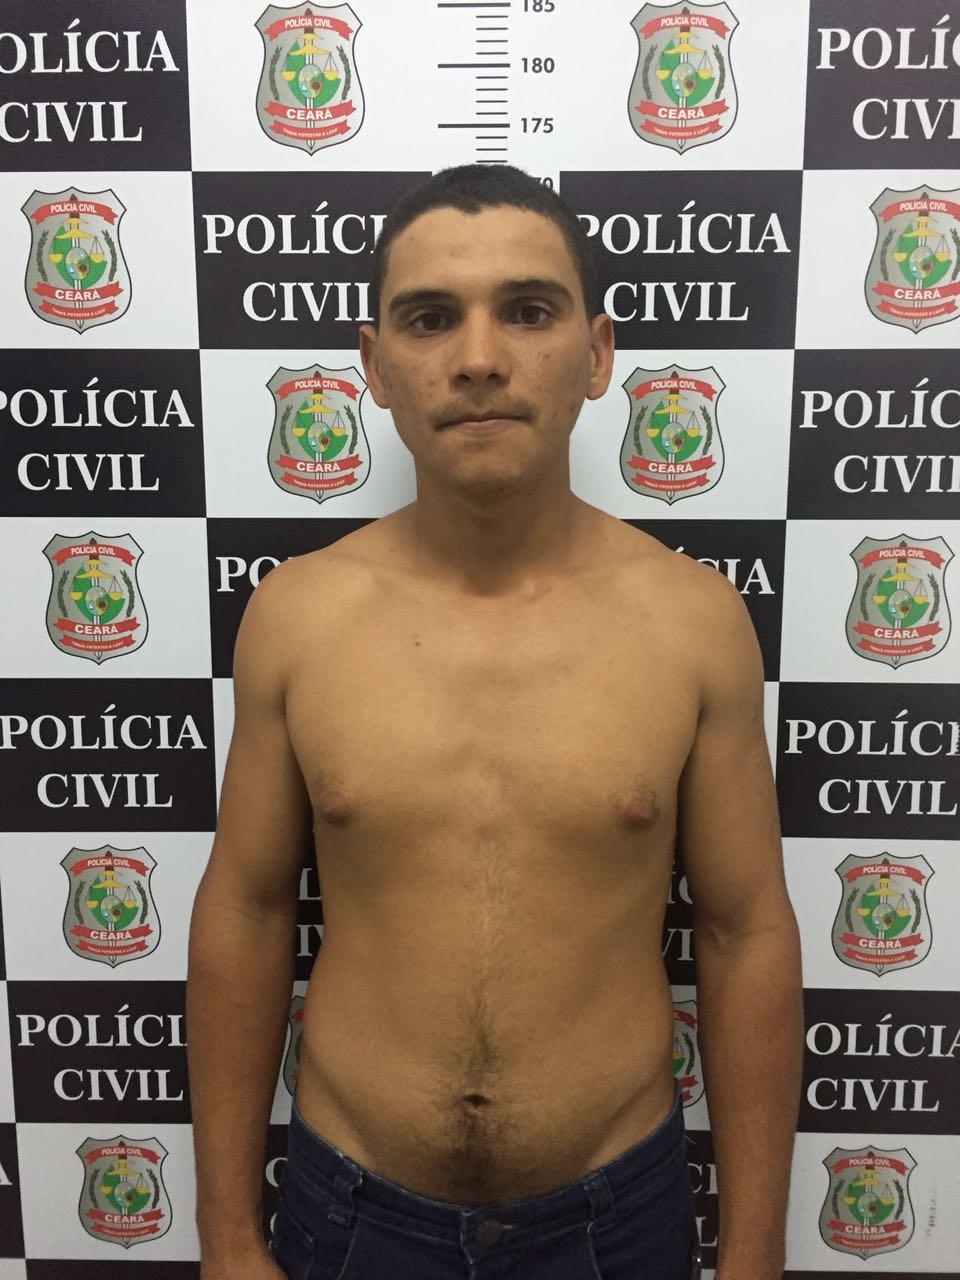 Antônio Joel da Costa Melo é um homem temido na região e matou a vítima de forma cruel (foto: RC)